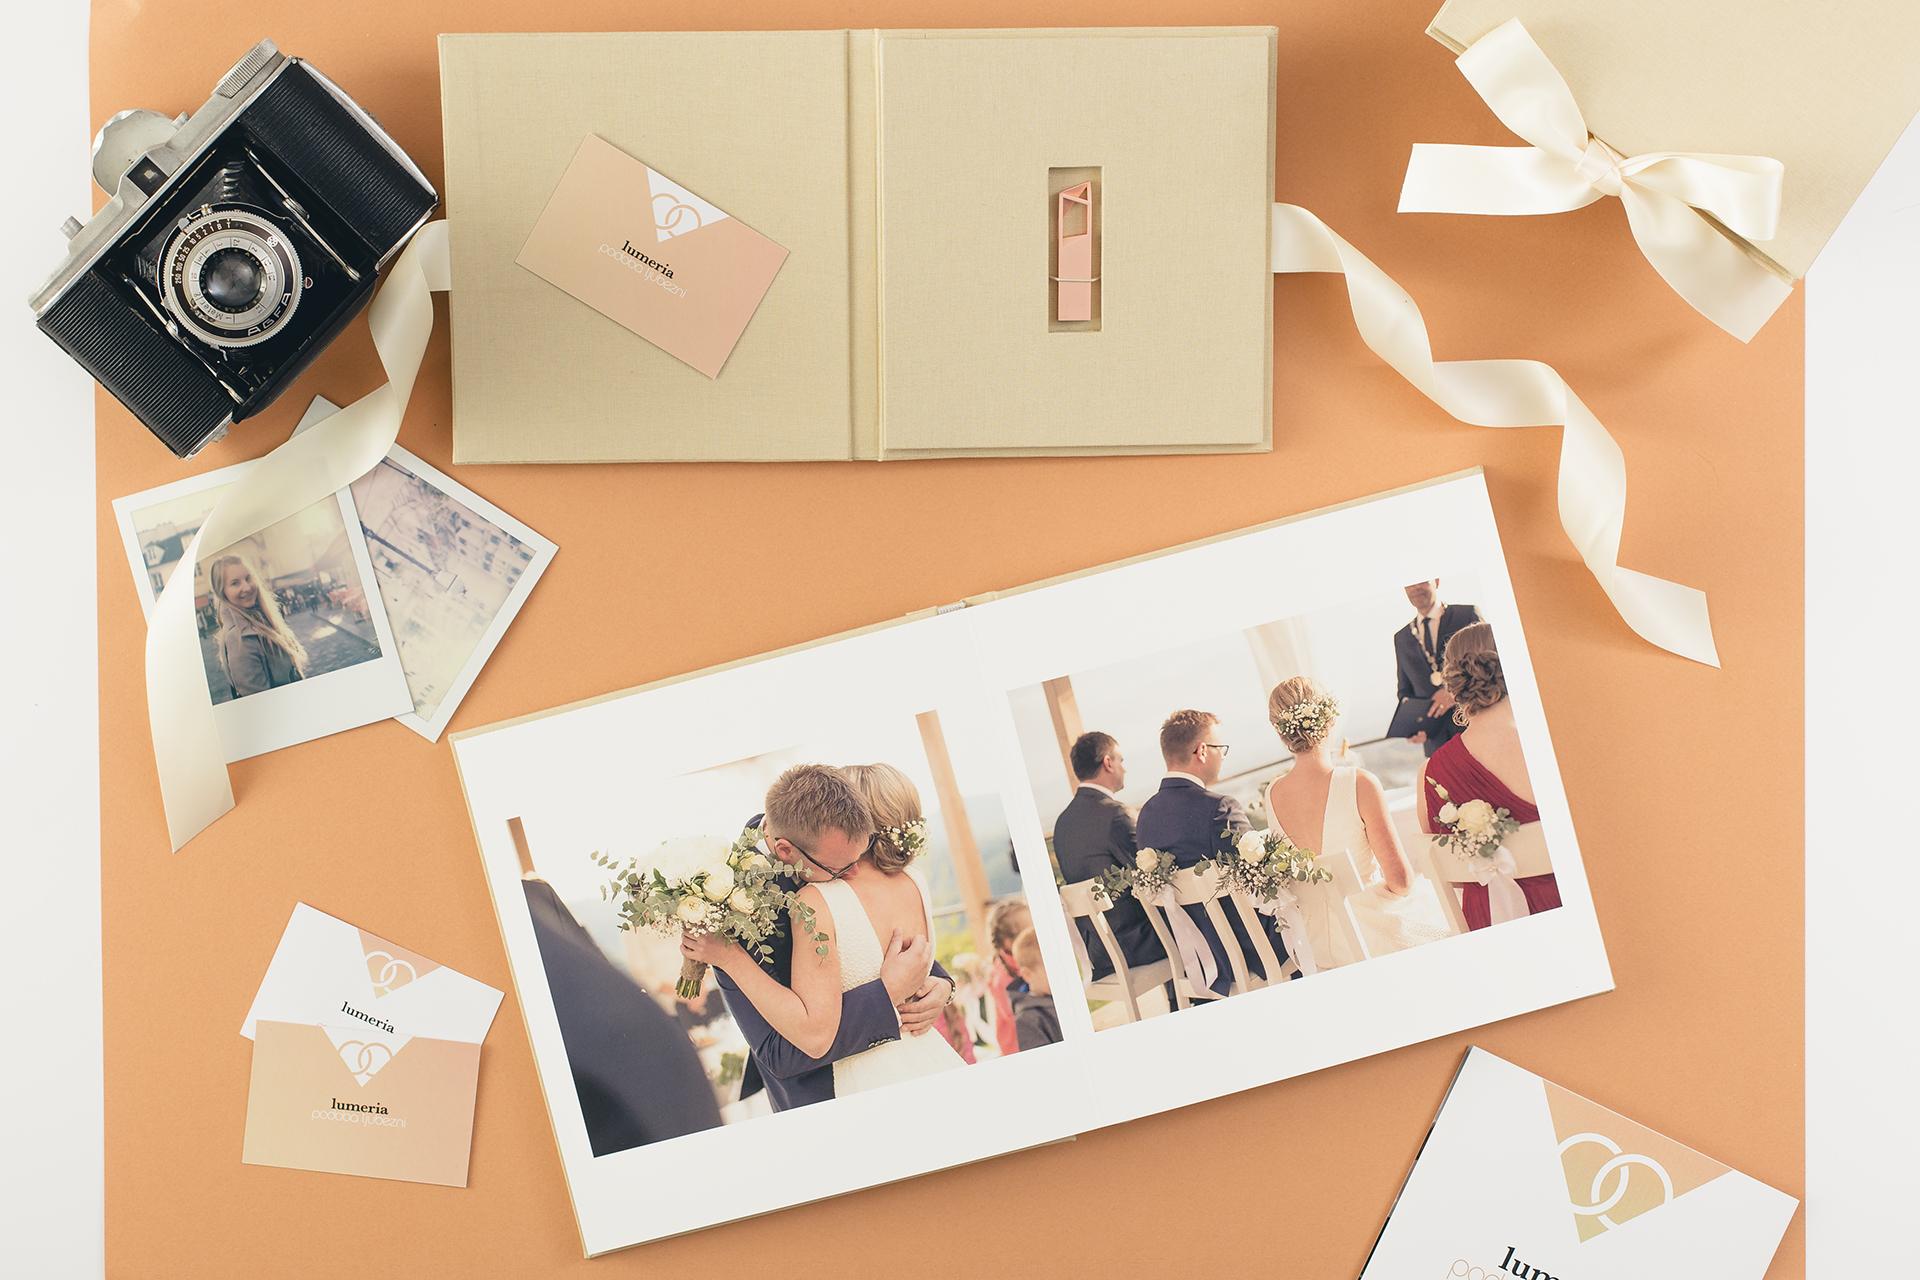 foto knjiga album fotograf poroka lumeria poročna fotografija